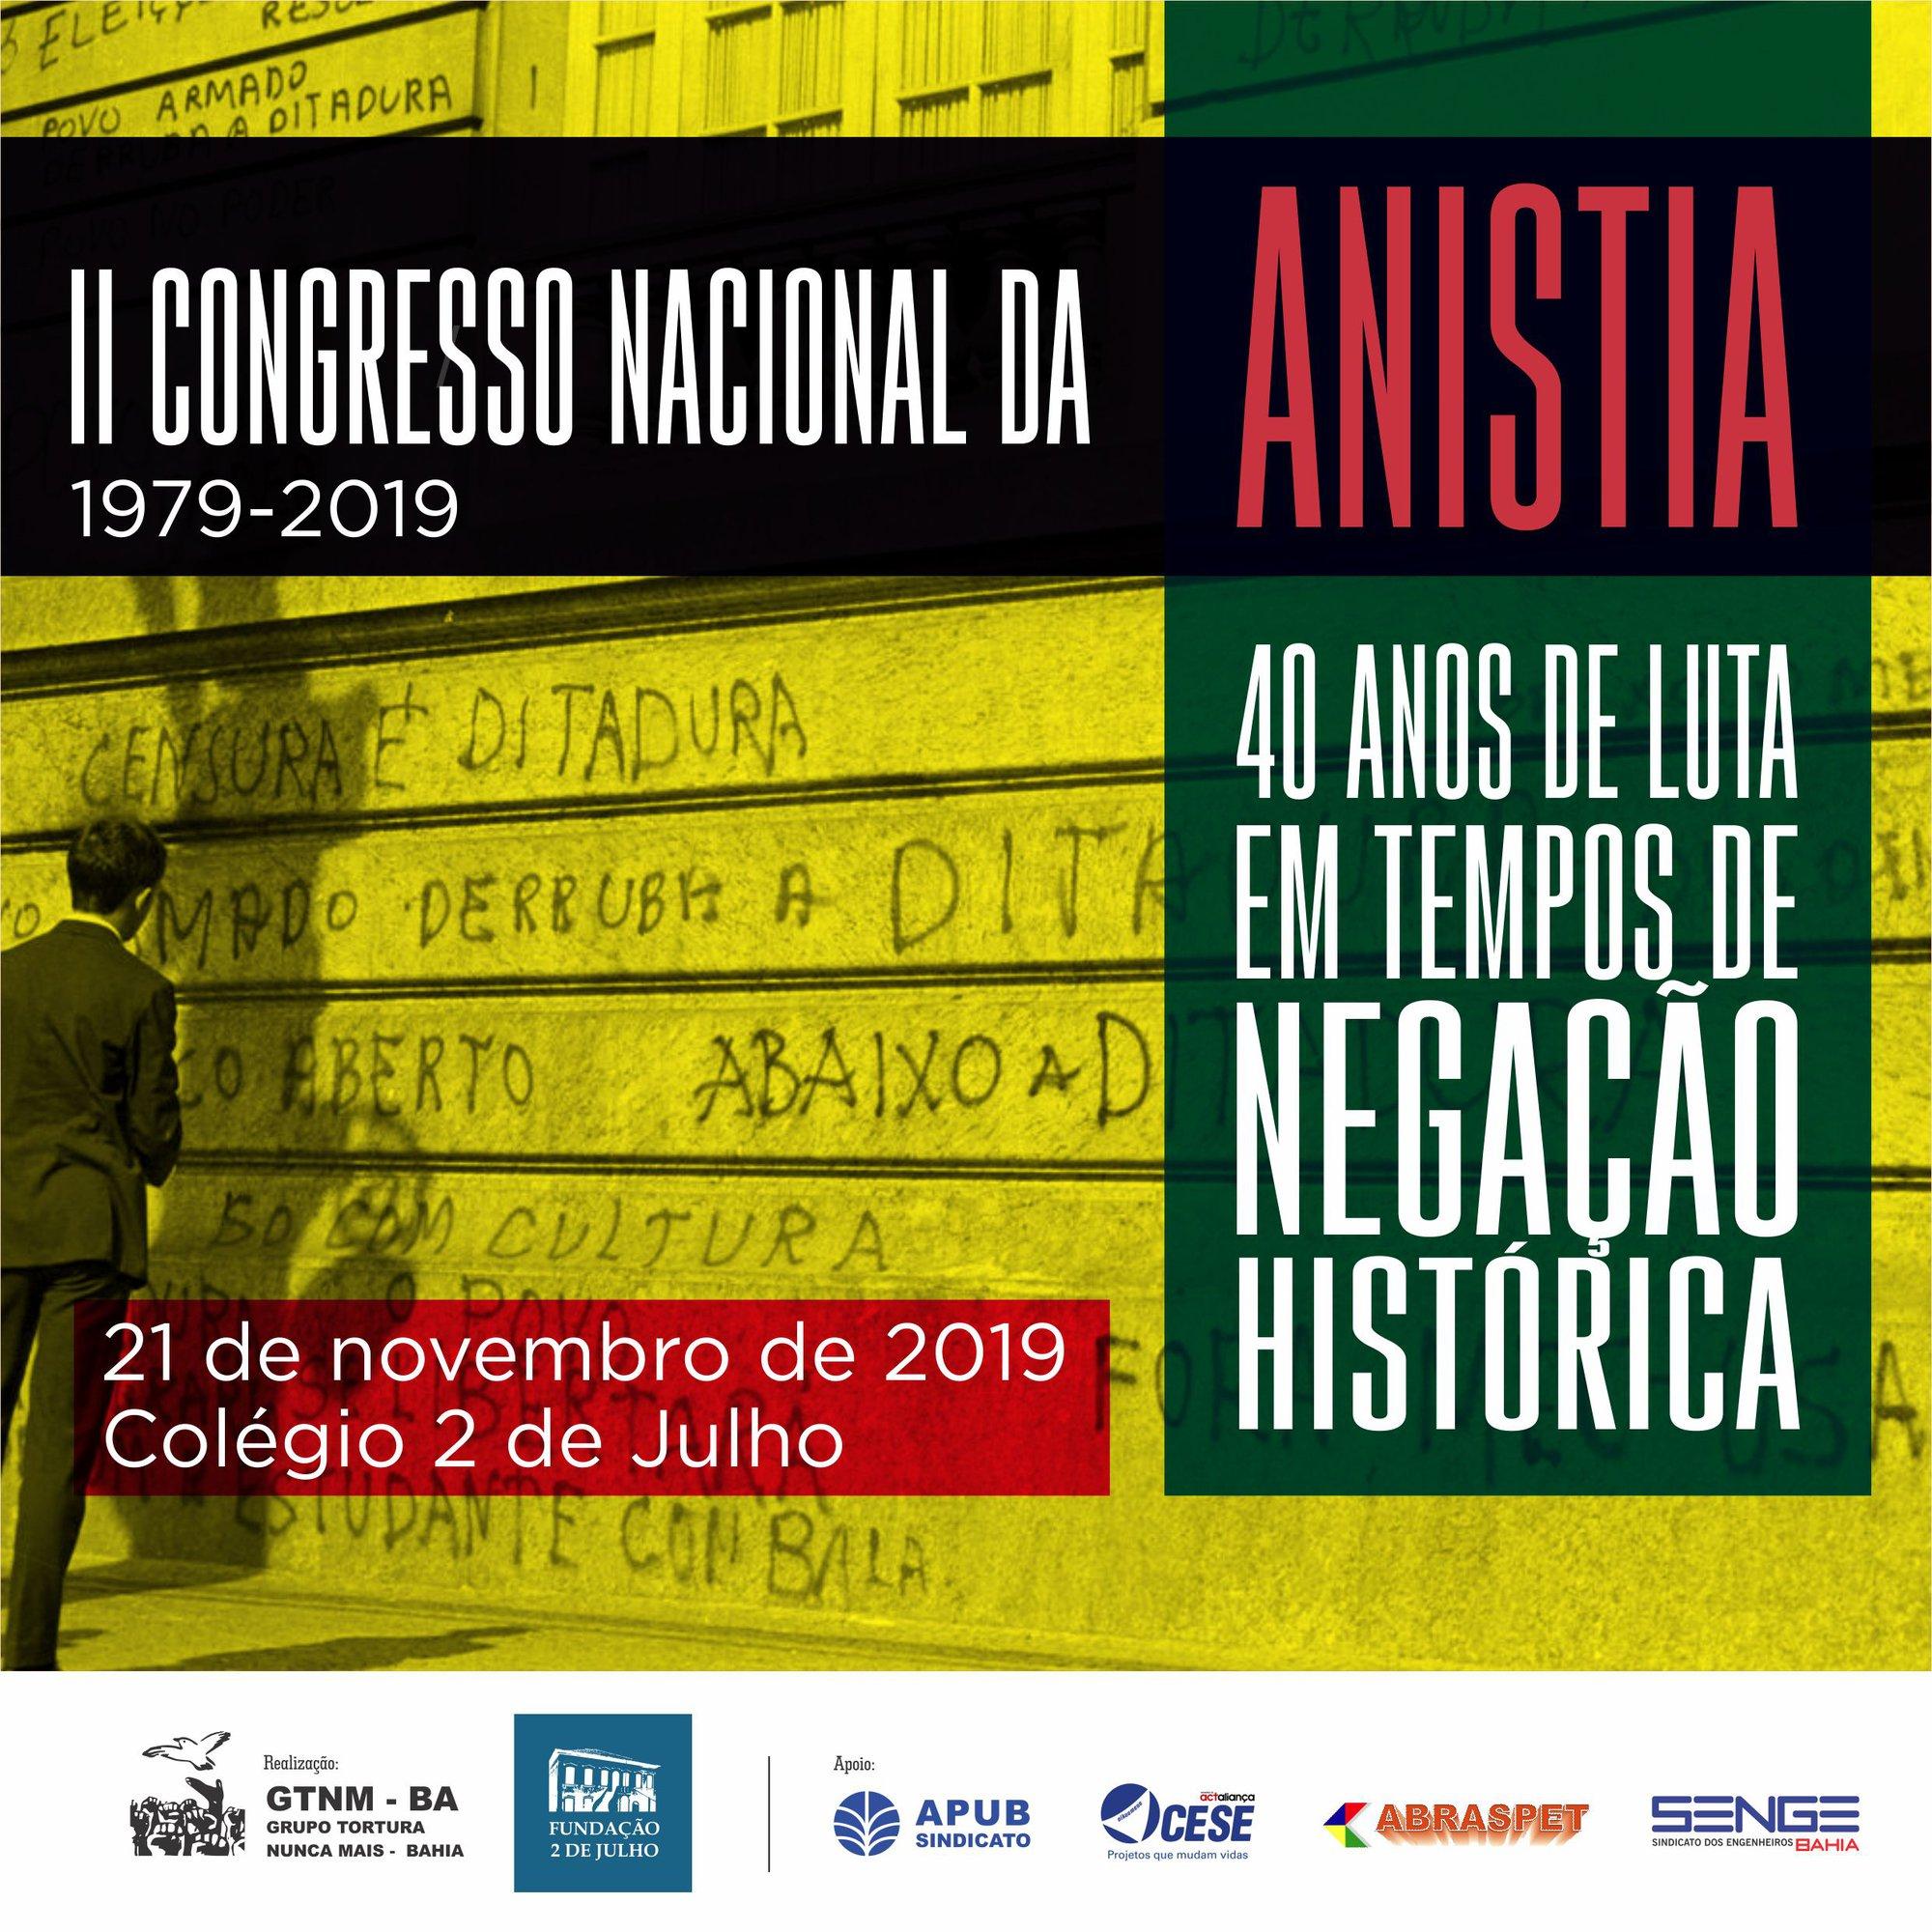 CARD-CONGRESSO-NACIONAL-DA-ANISTIA-FINALIZANDO